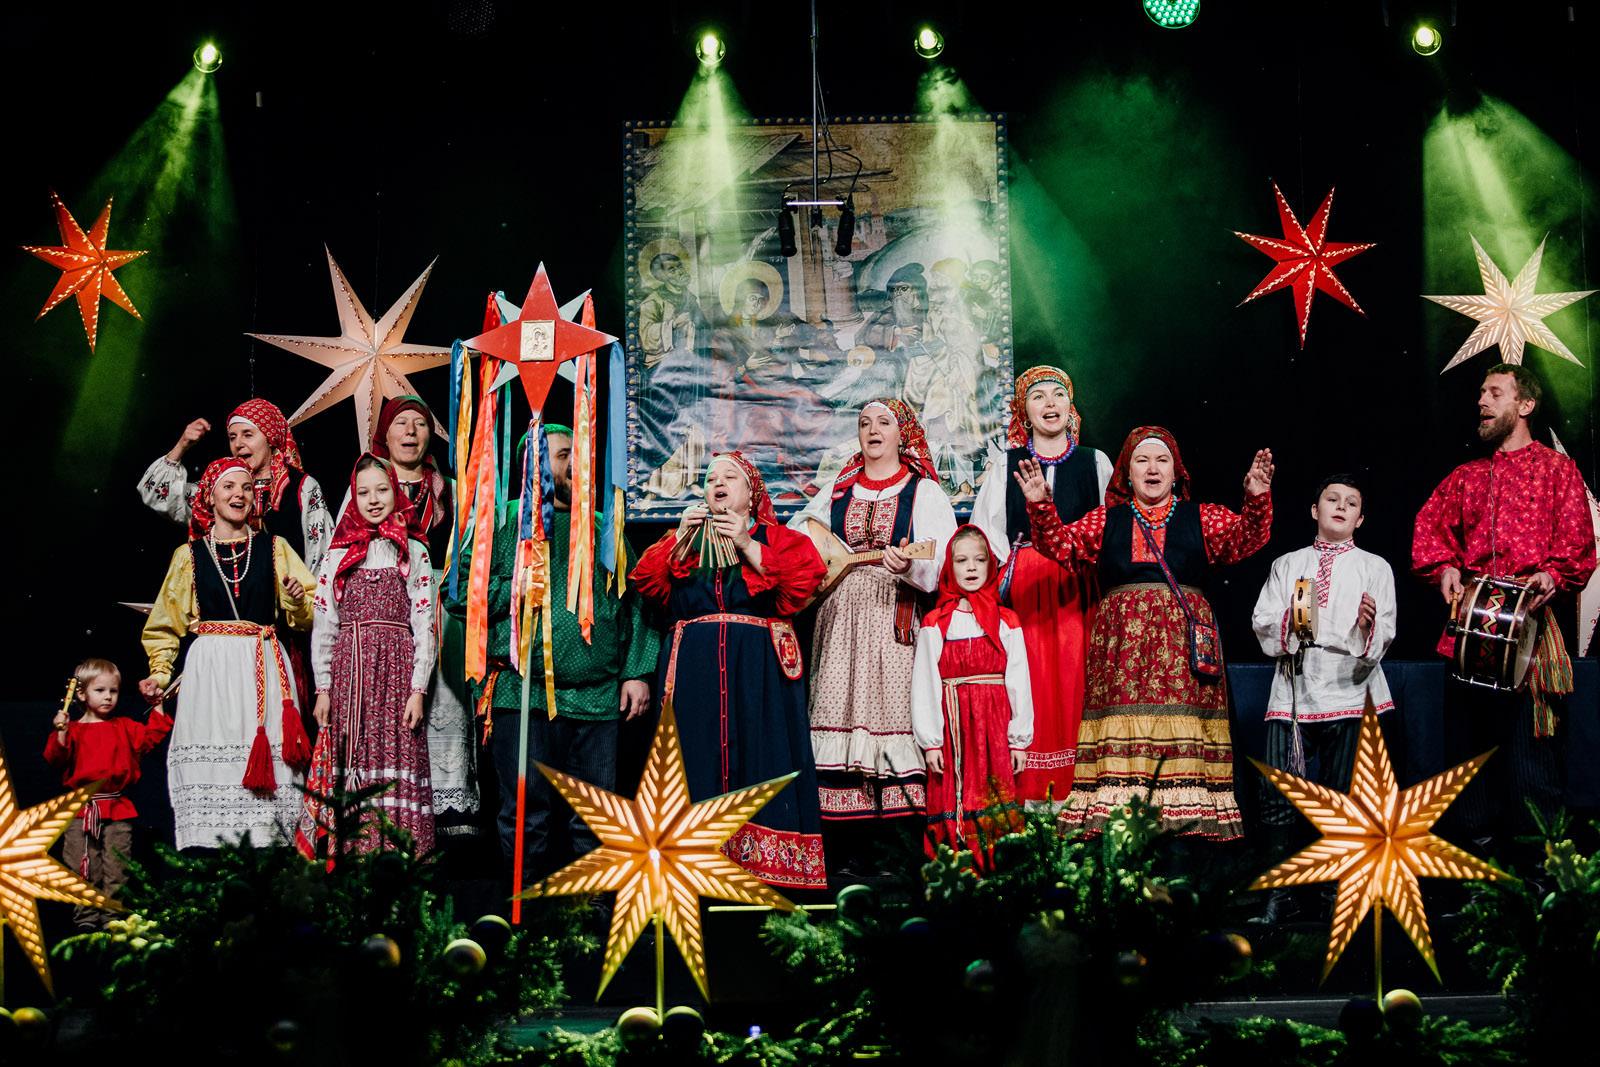 """Folklorystyczny Zespół """"DIKOJE POLE"""" Centrum Kultury """"Zelenograd"""" z Zielonogrodu (Rosja)"""